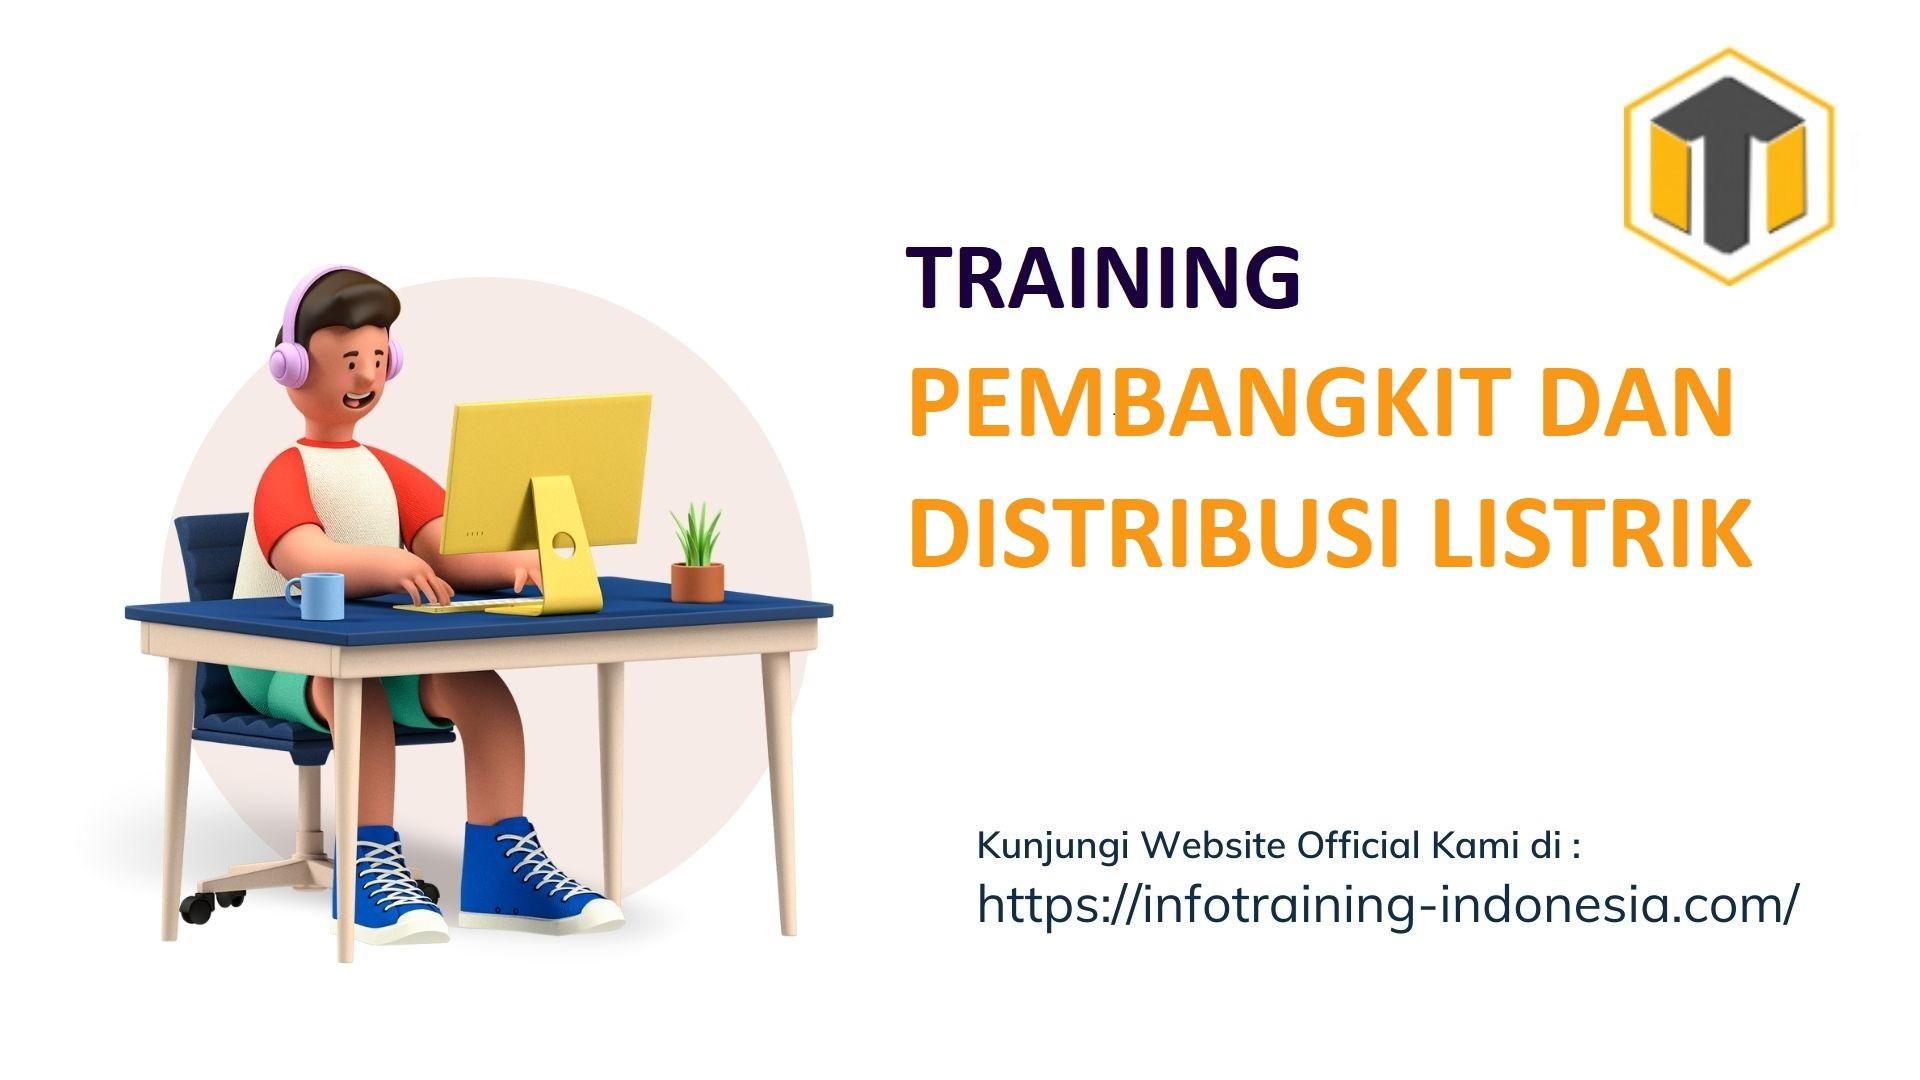 TRAINING PEMBANGKIT DAN DISTRIBUSI LISTRIK pelatihan pembangkit dan distribusi listrik pasti jalan